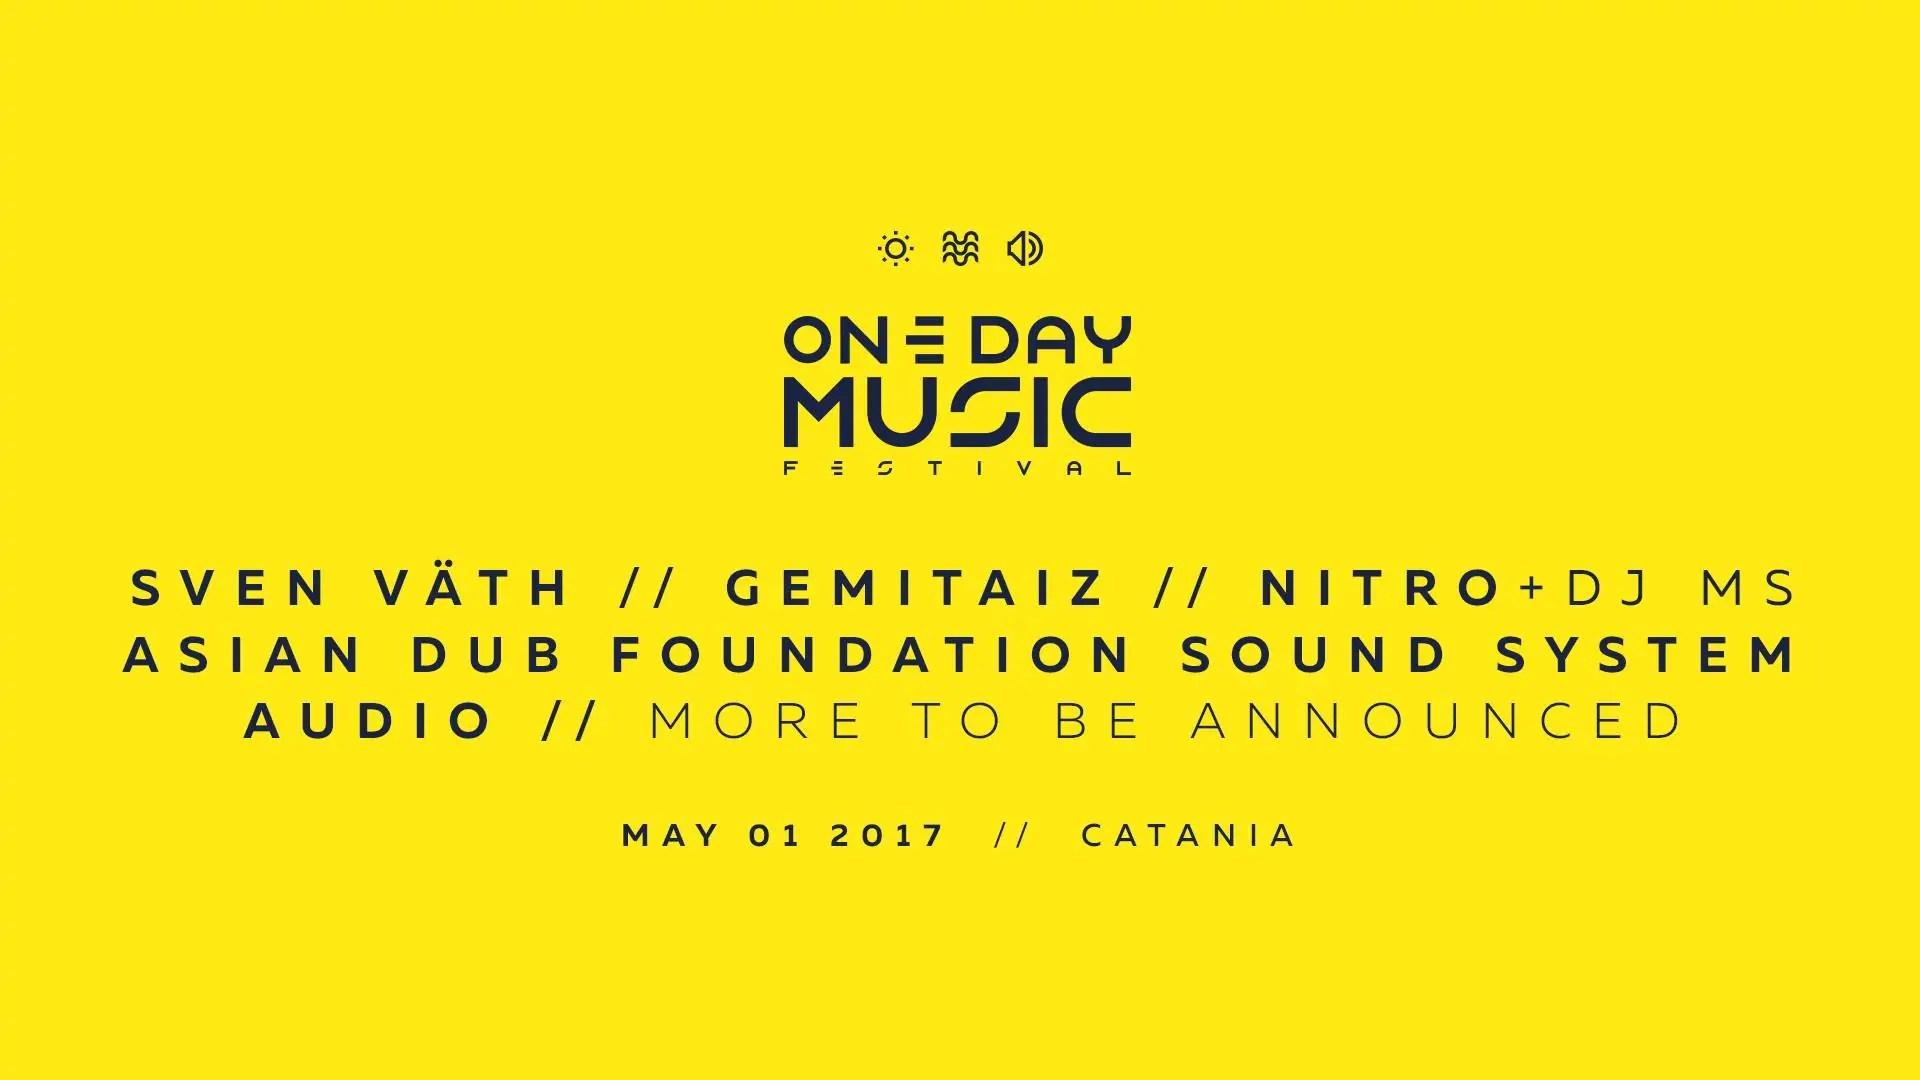 ONE DAY MUSIC FESTIVAL 2017 CATANIA 01 MAGGIO 2017 Ticket Biglietti Tavoli Pacchetti Hotel